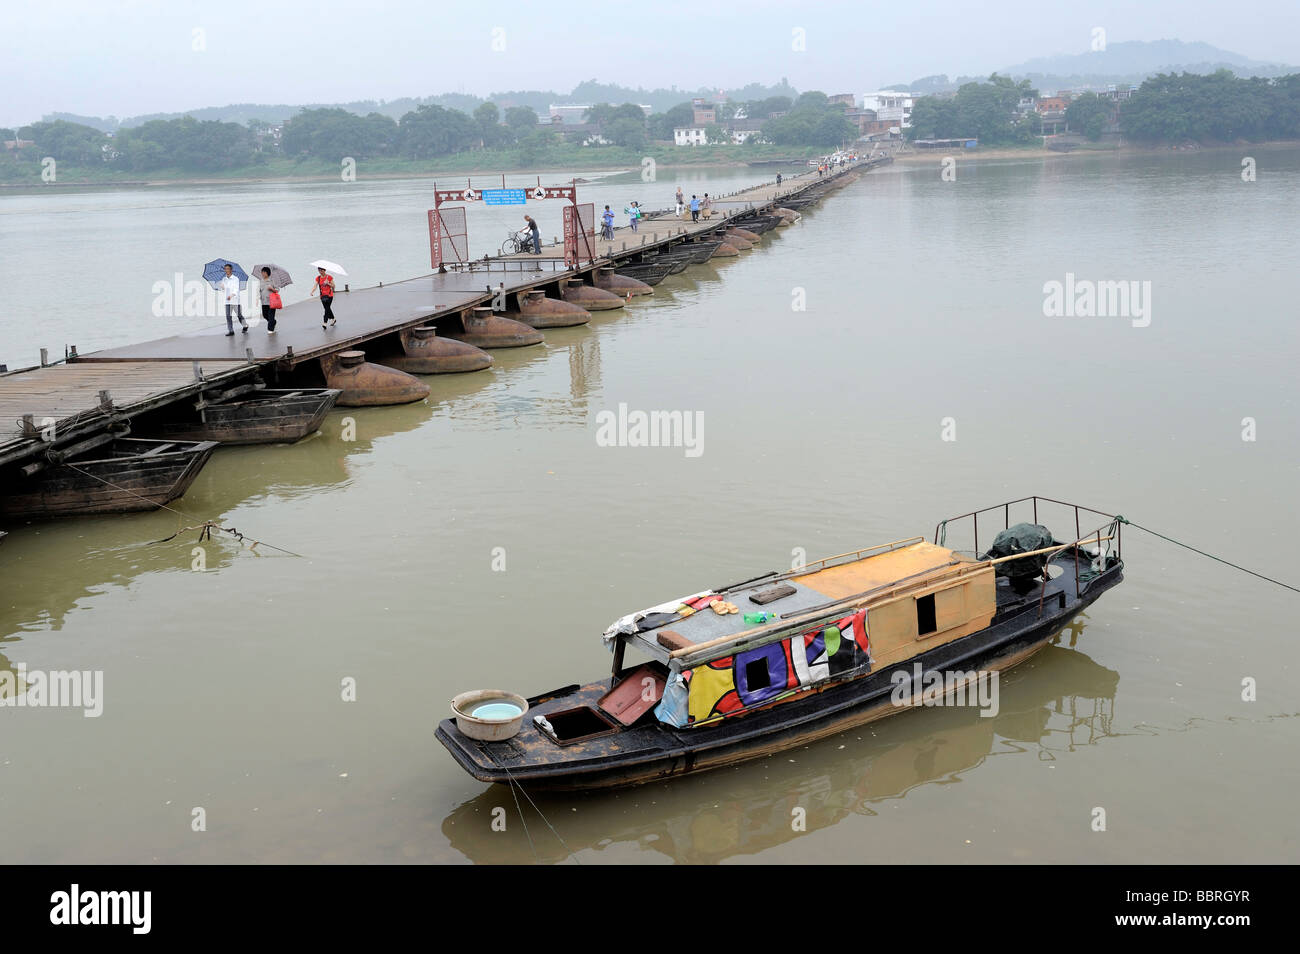 A sampan beside the ancient pontoon bridge in Ganzhou, Jiangxi, China. 11-Jun-2009 - Stock Image